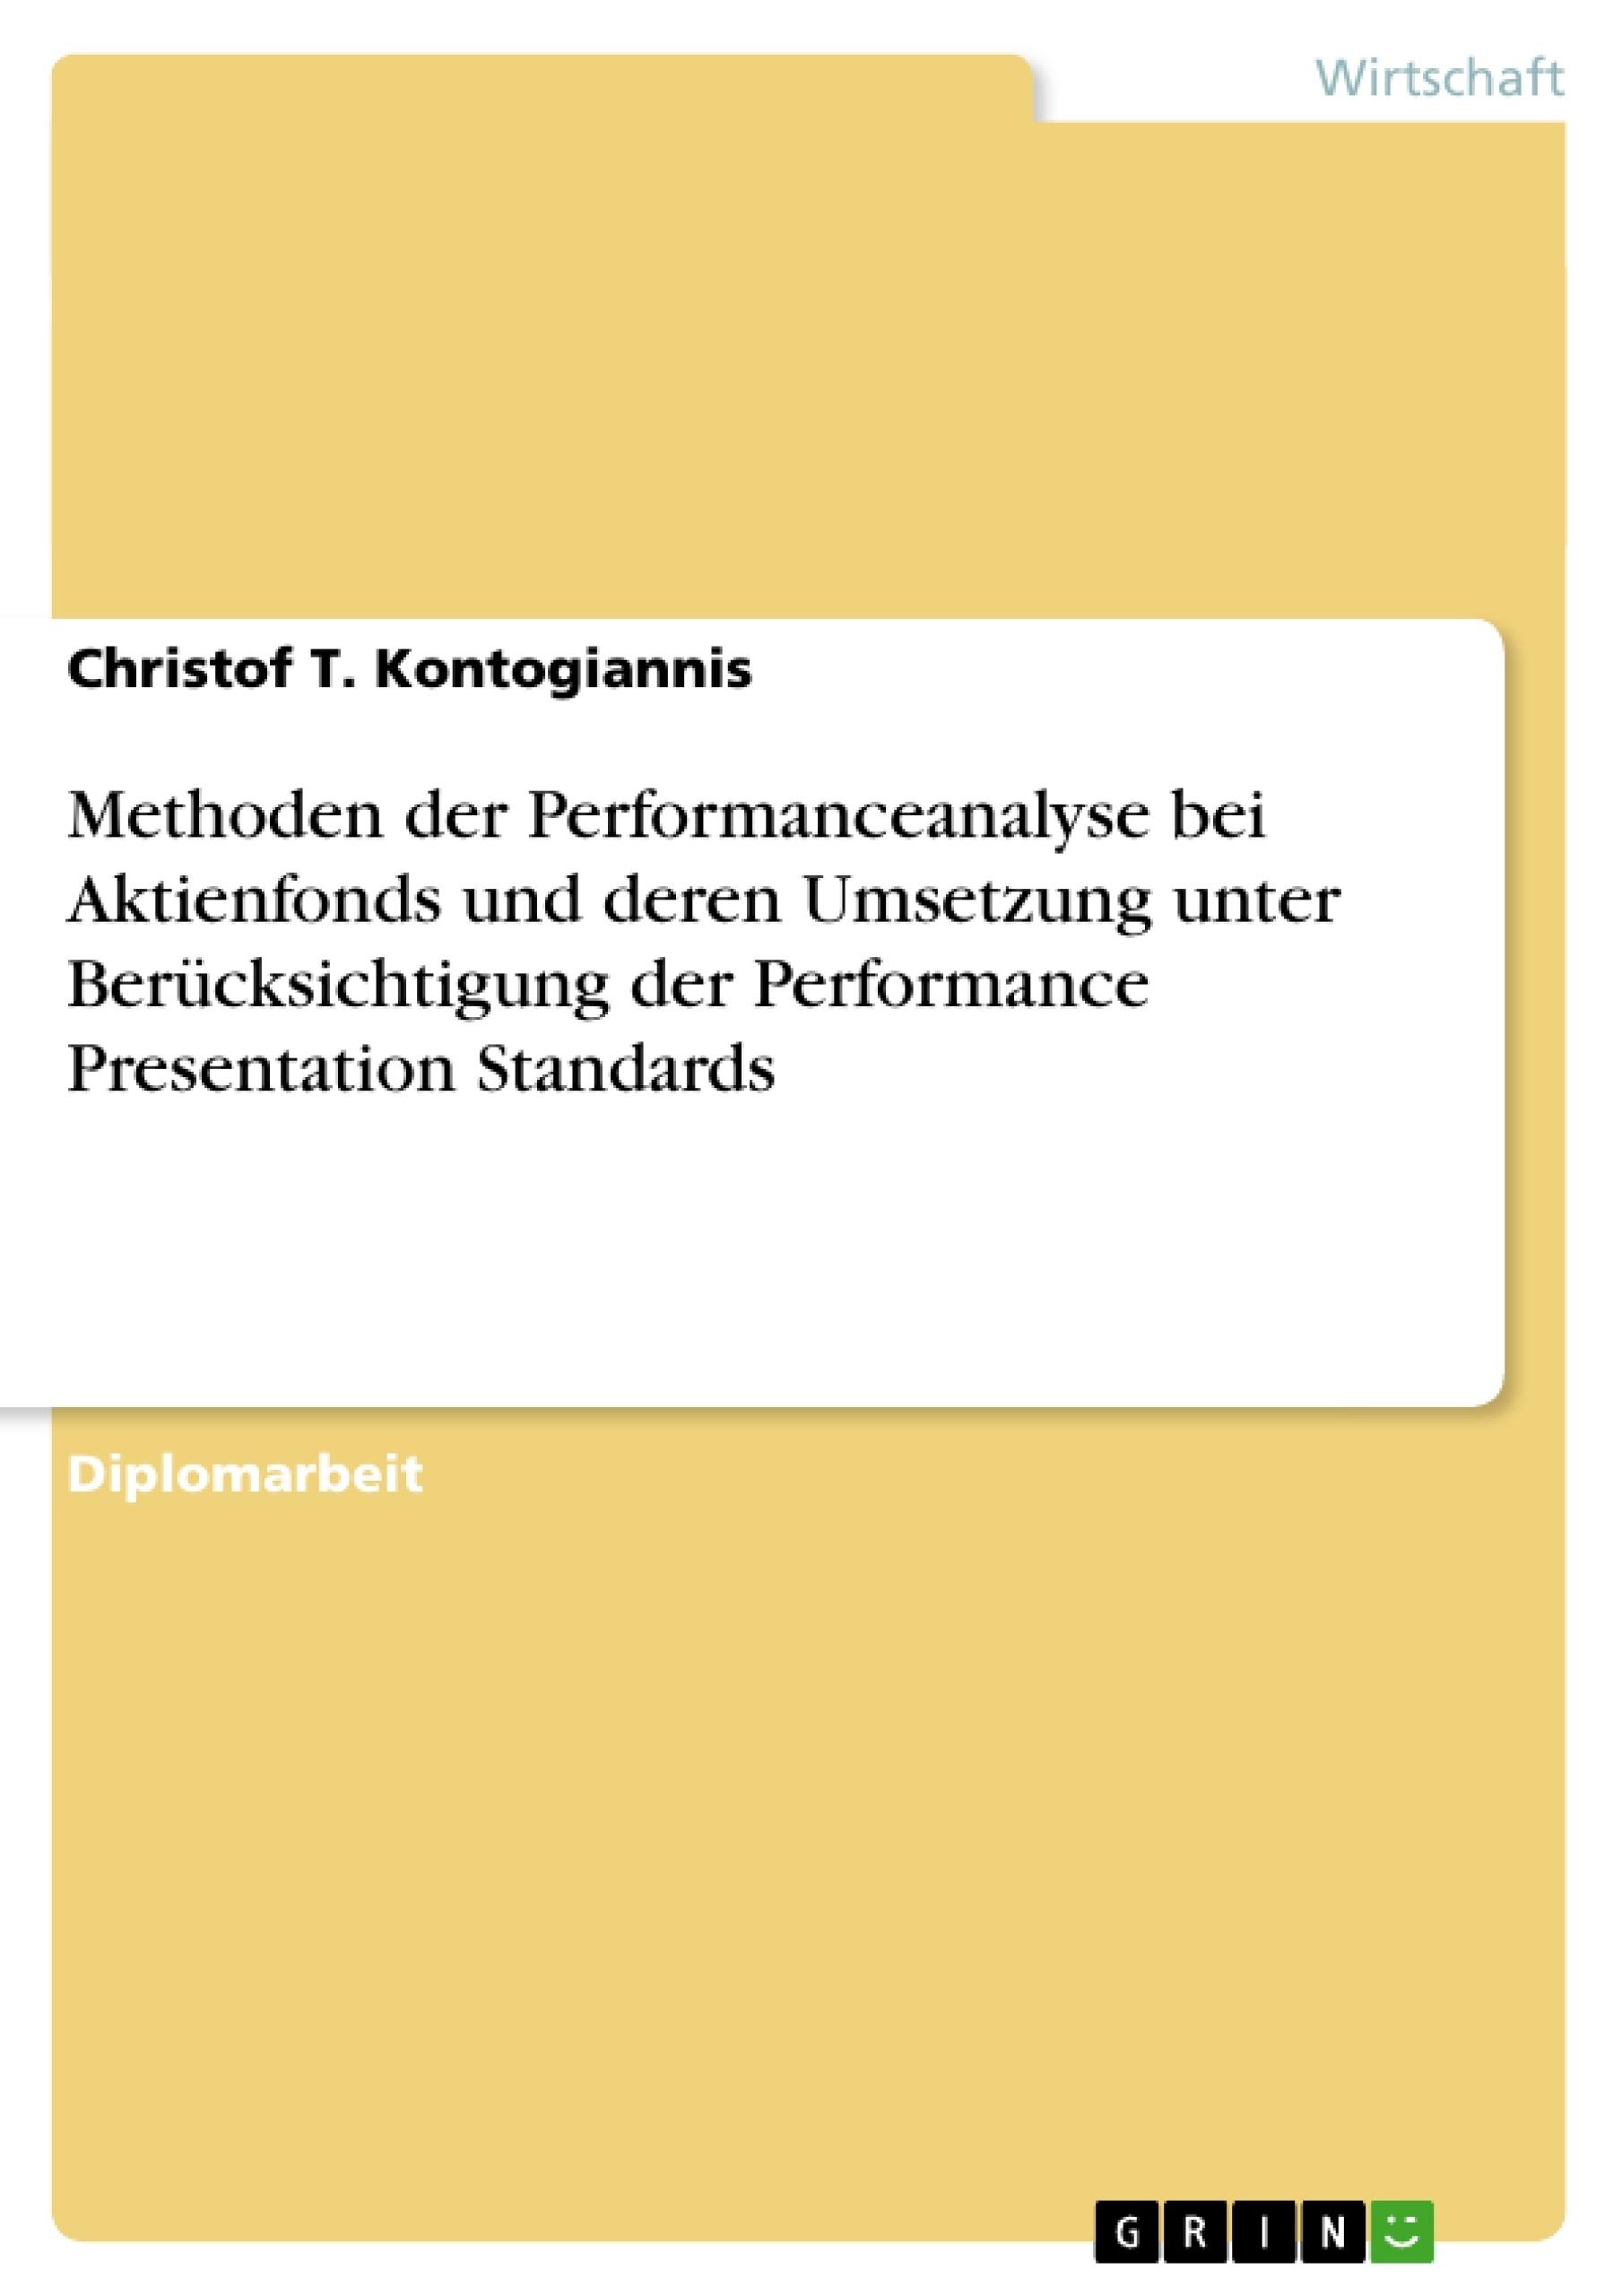 Titel: Methoden der Performanceanalyse bei Aktienfonds und deren Umsetzung unter Berücksichtigung der Performance Presentation Standards